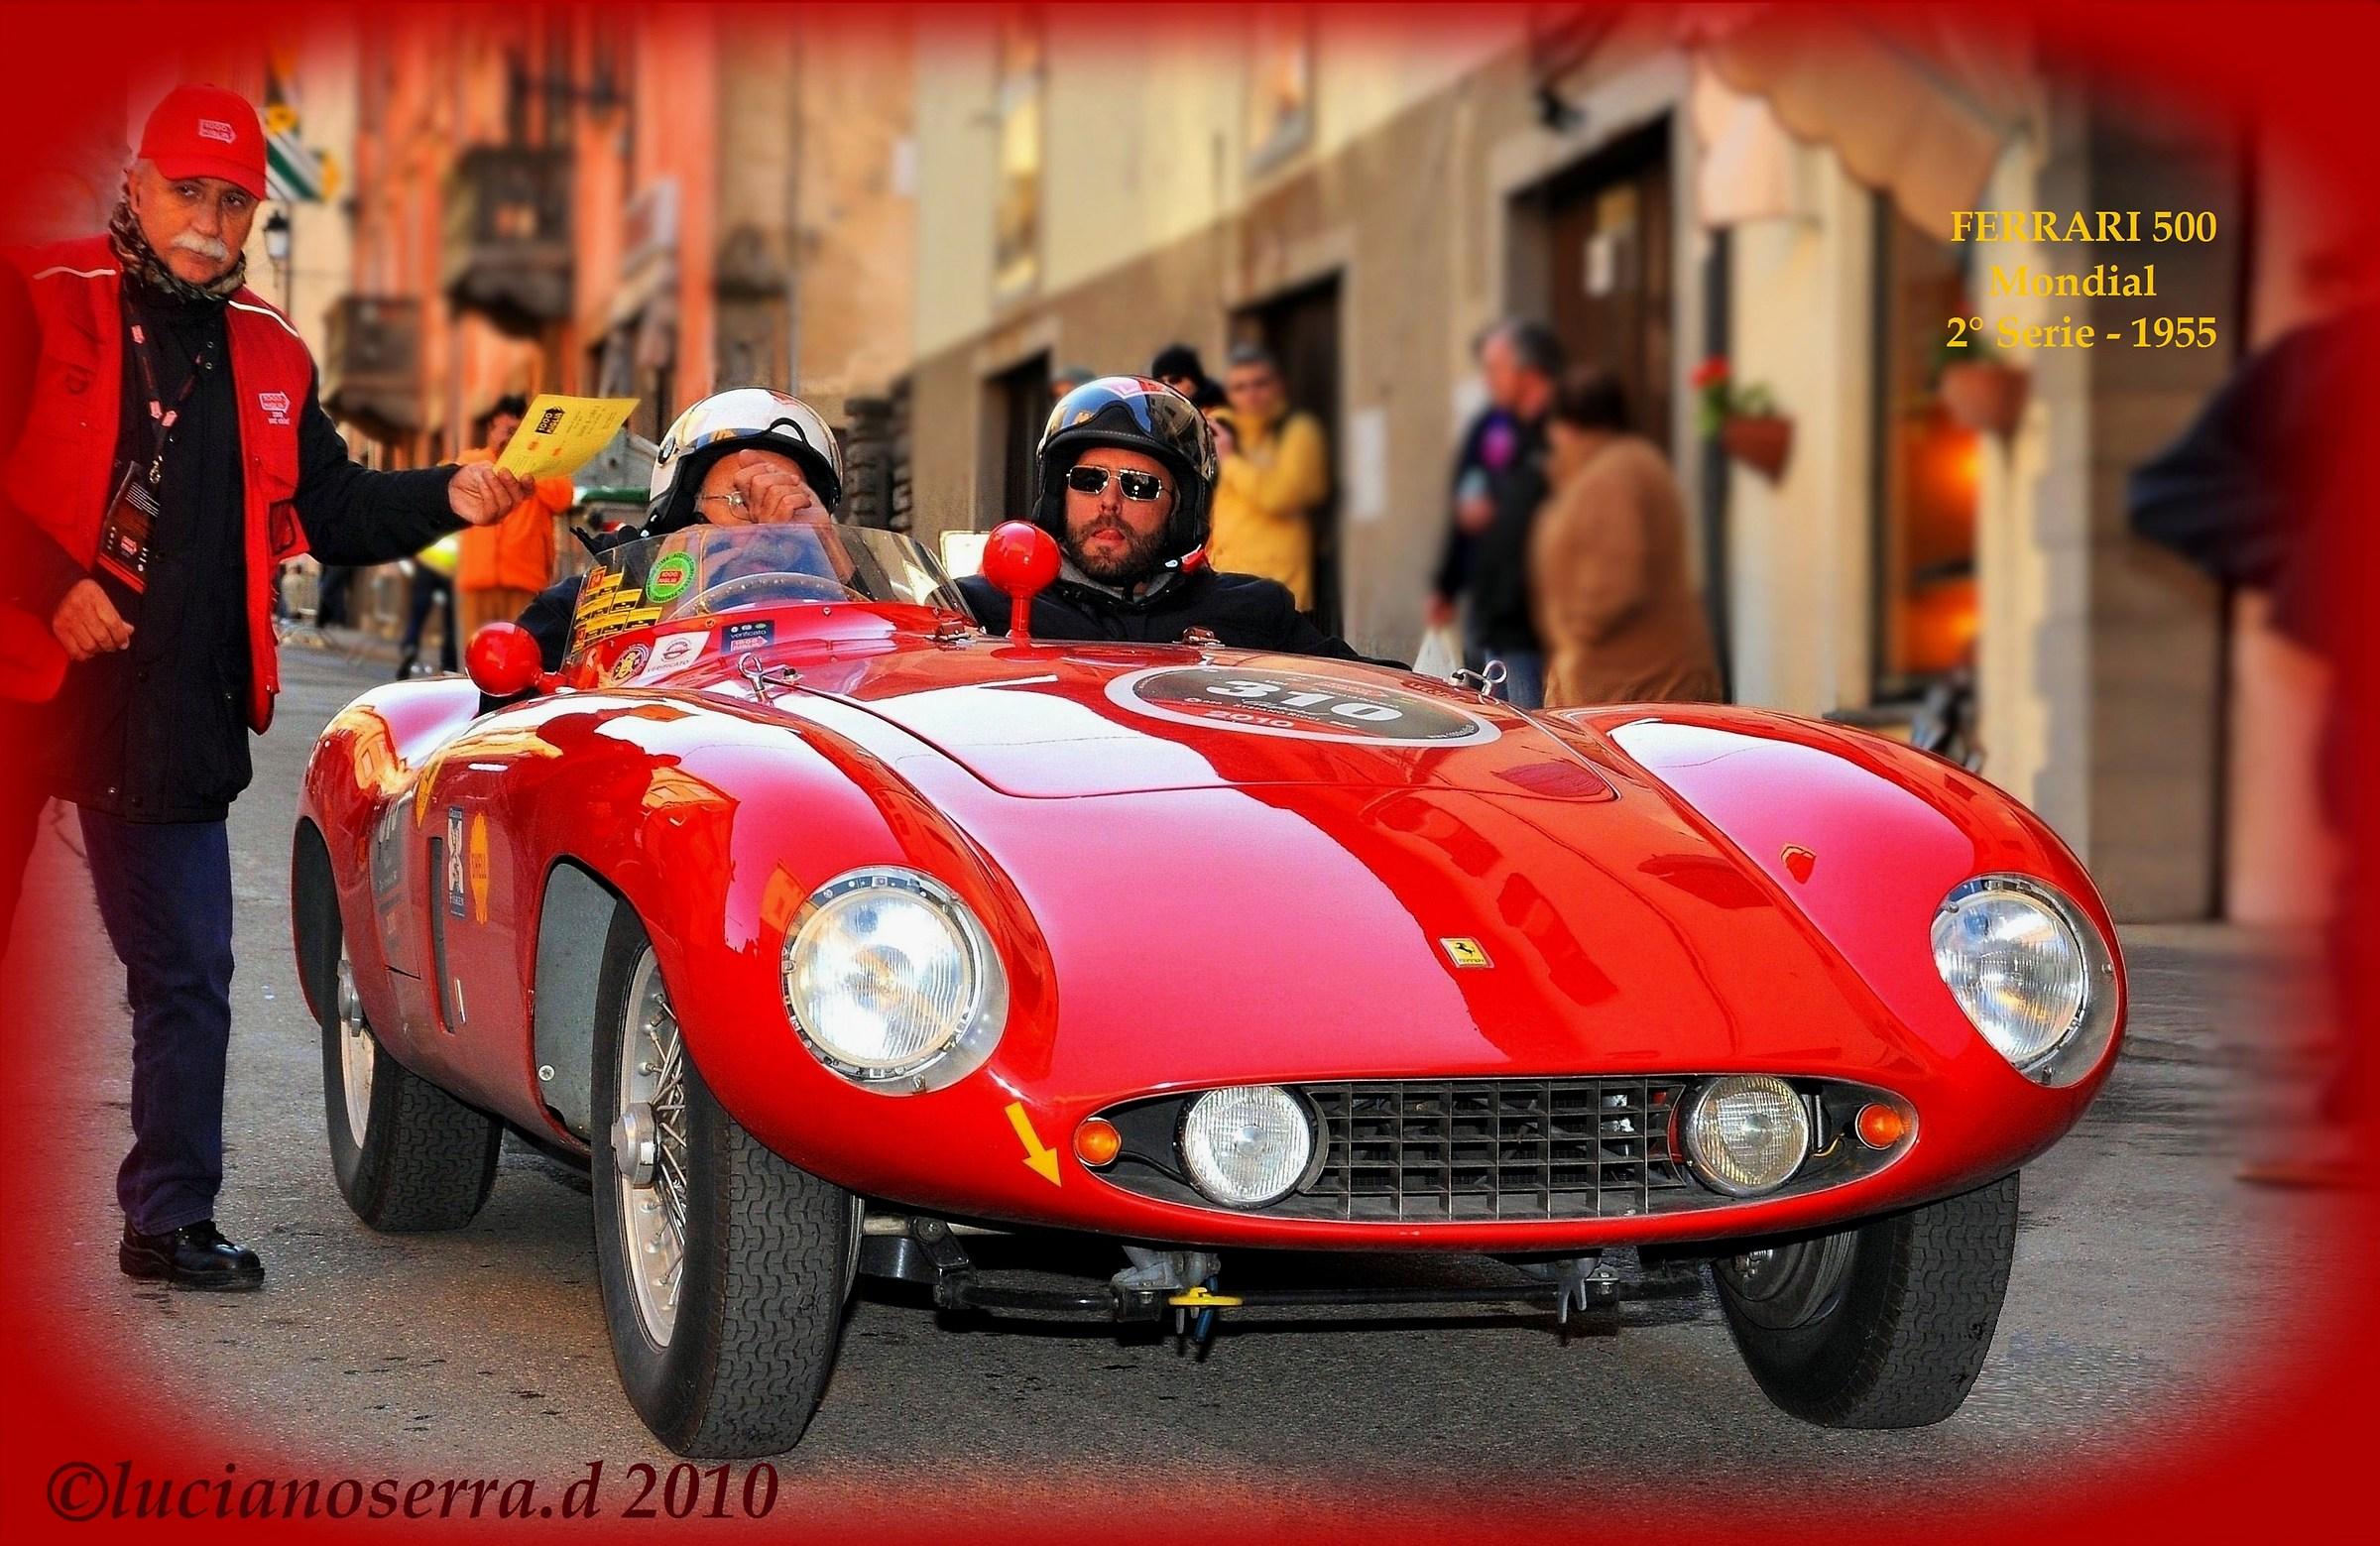 Ferrari 500 Mondial 2° Serie - 1955...